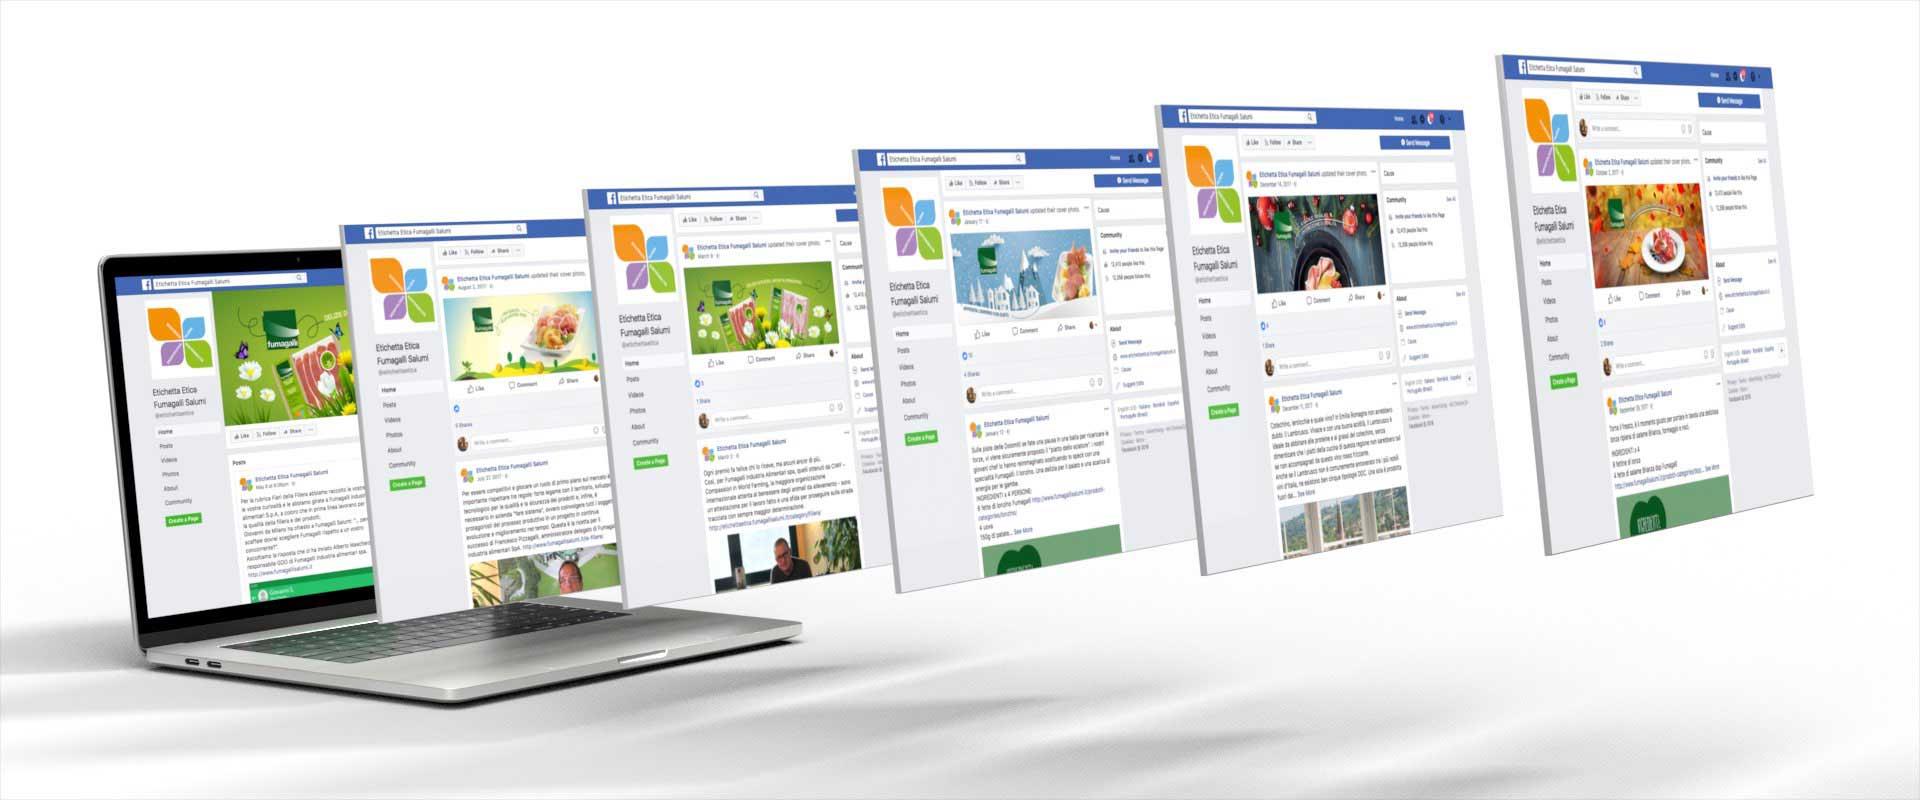 strategia di comunicazione social e digital activation Fumagalli salumi etichetta etica facebook